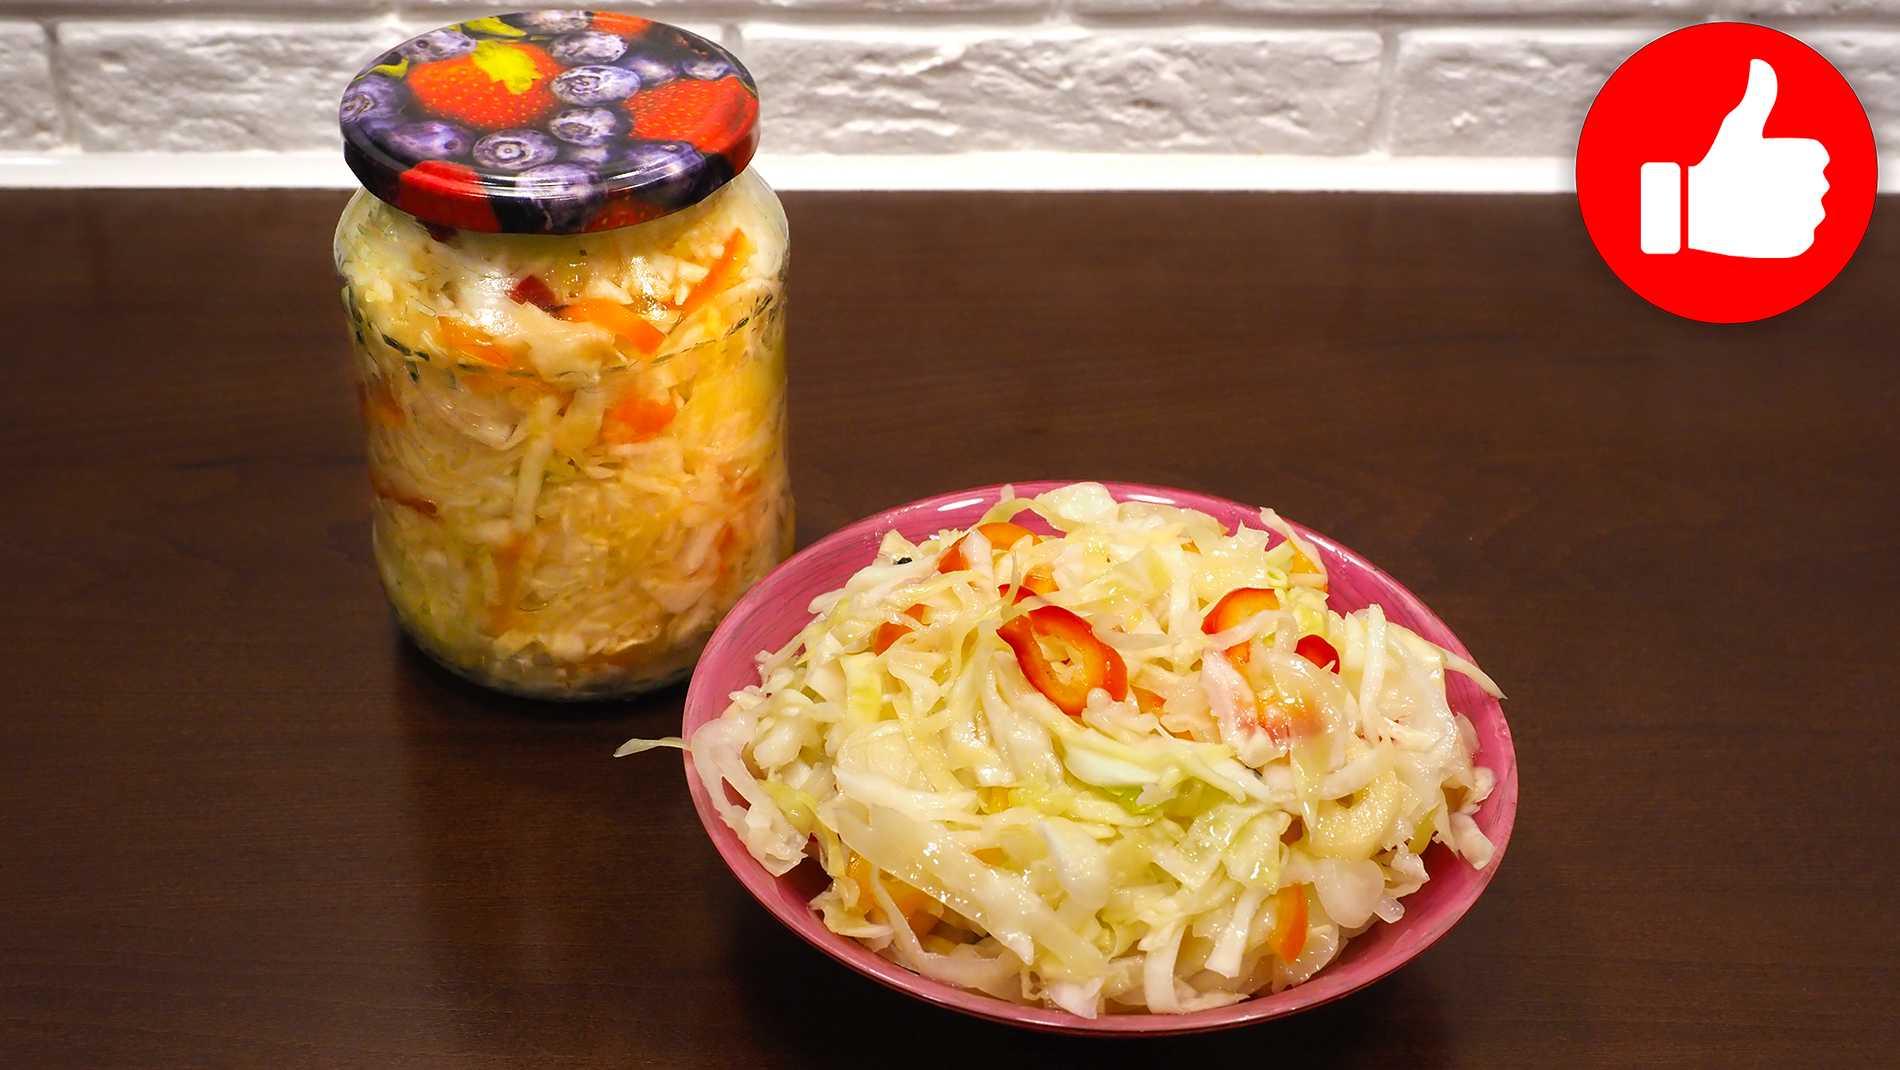 Капуста с яблочным уксусом: лучшие рецепты быстрого приготовления, подробное описание готовки